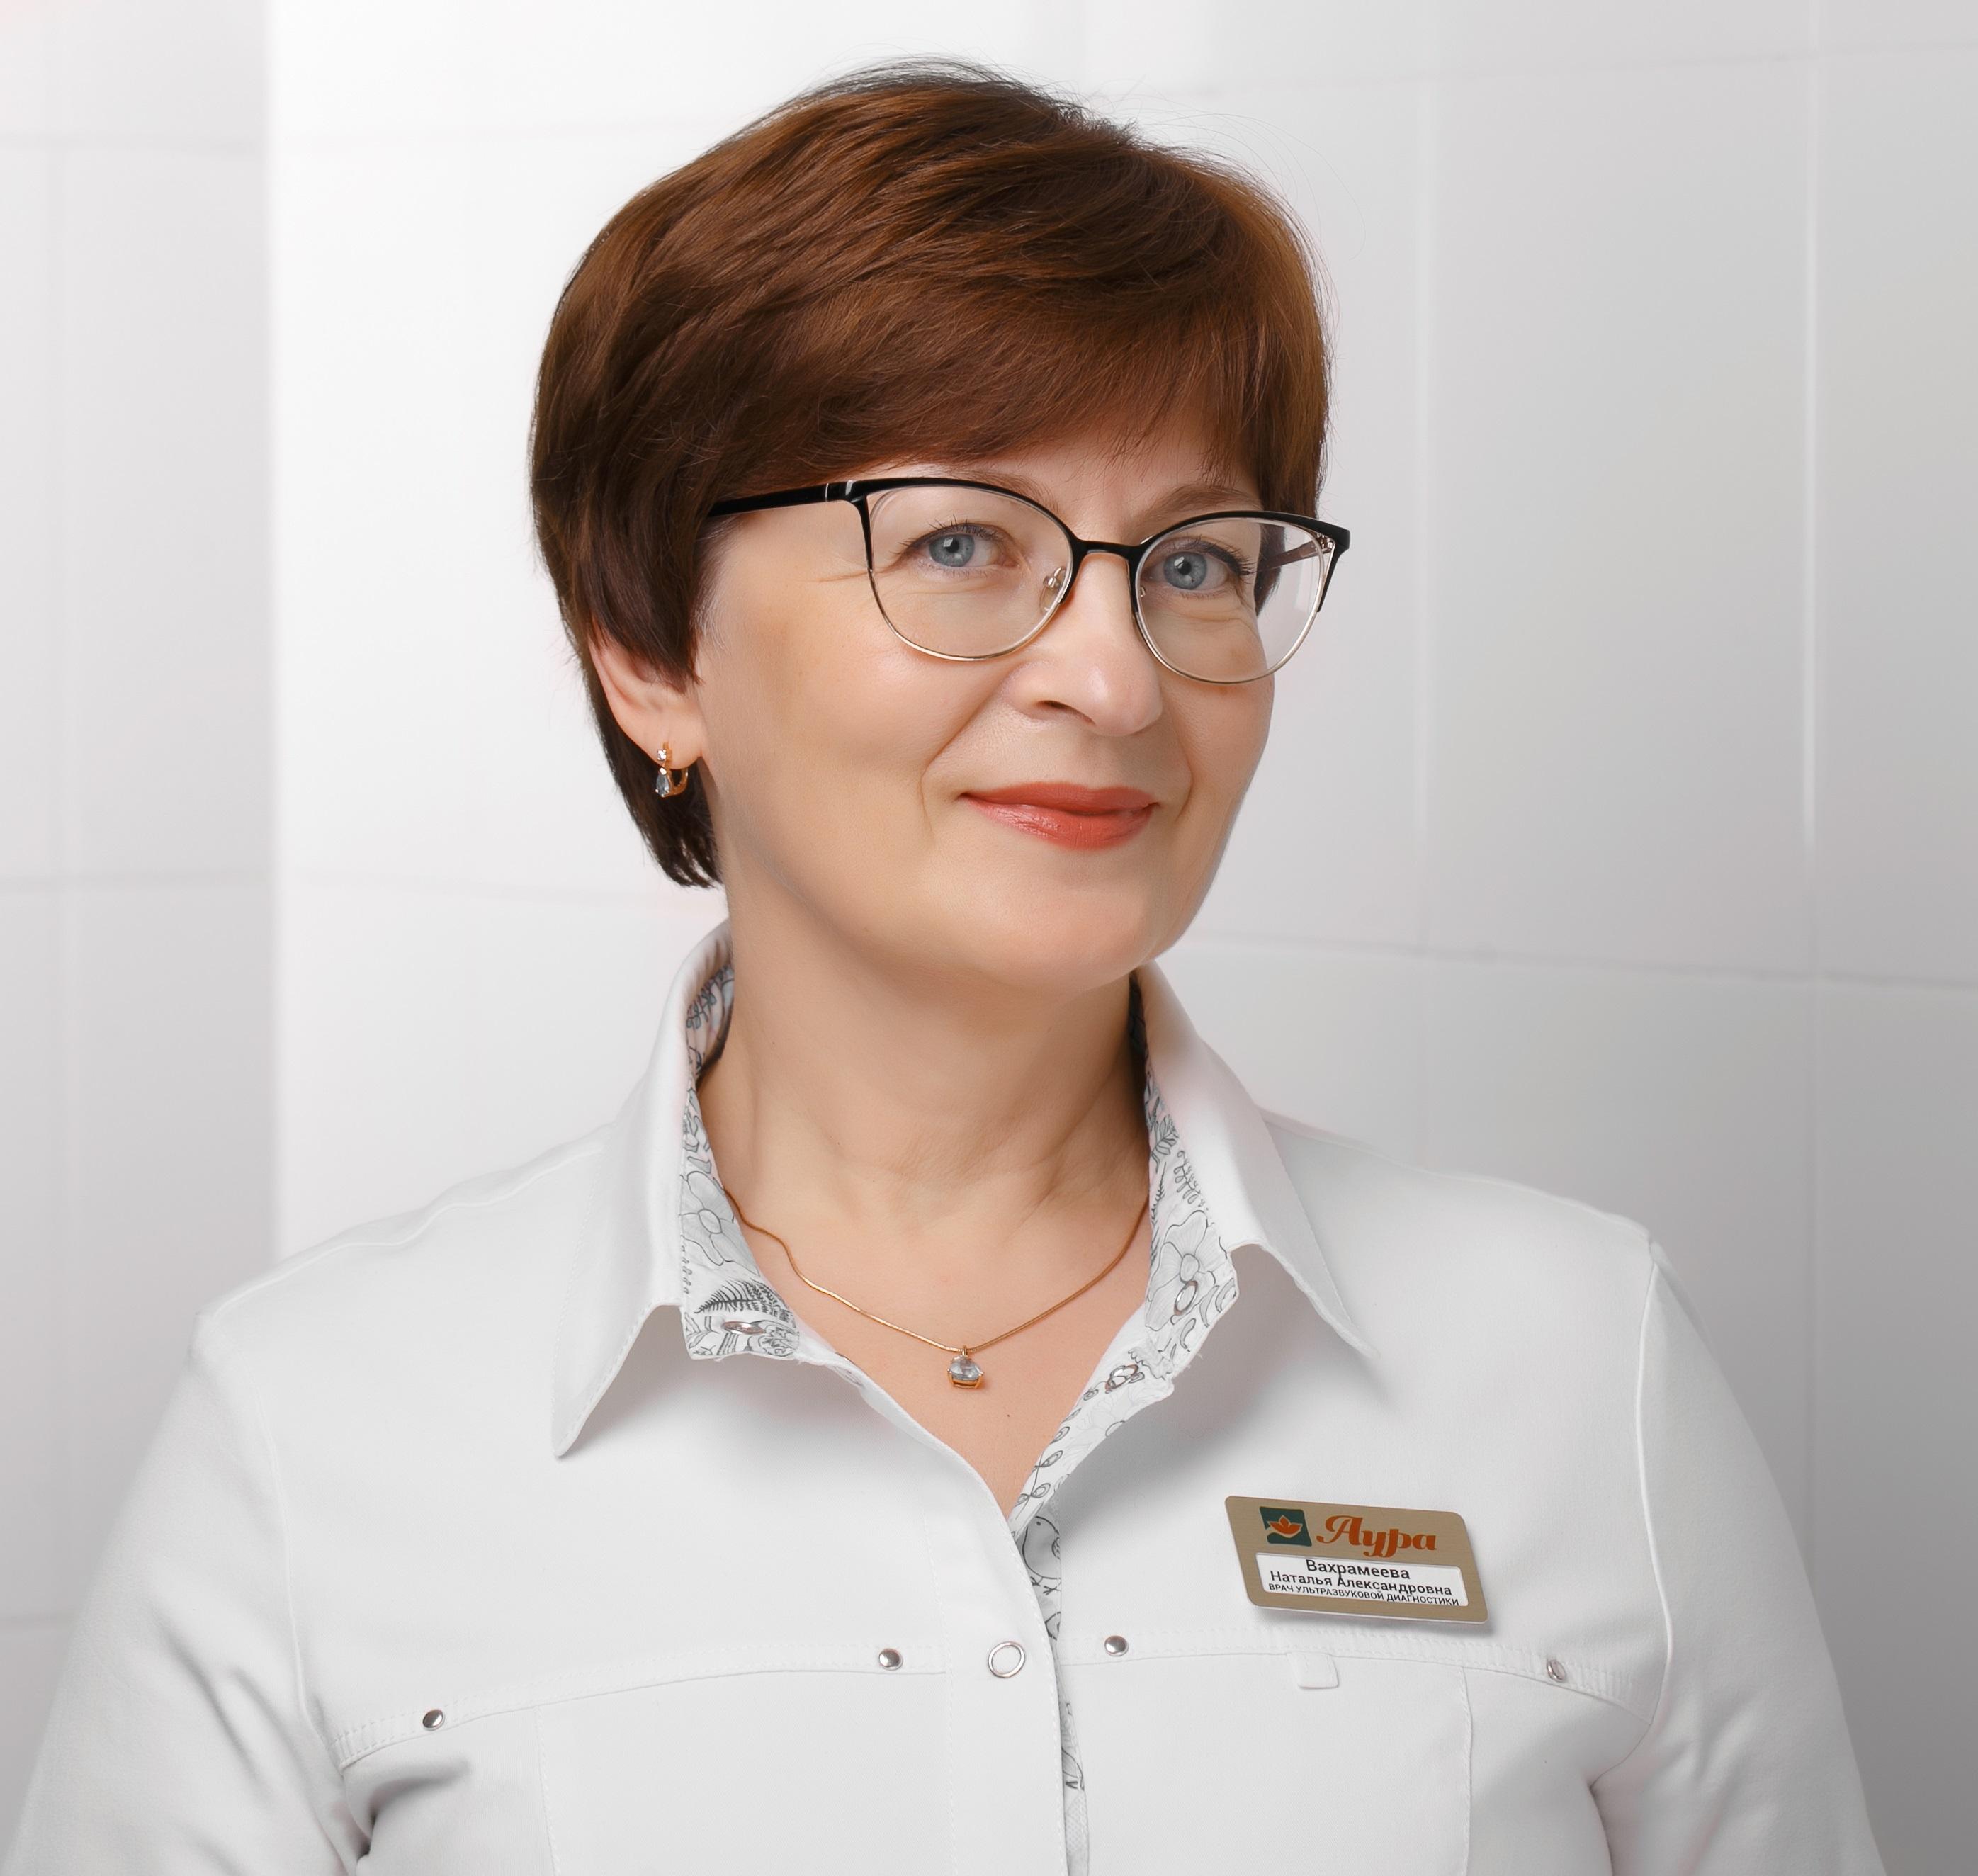 Вахрамеева Наталья Александровна